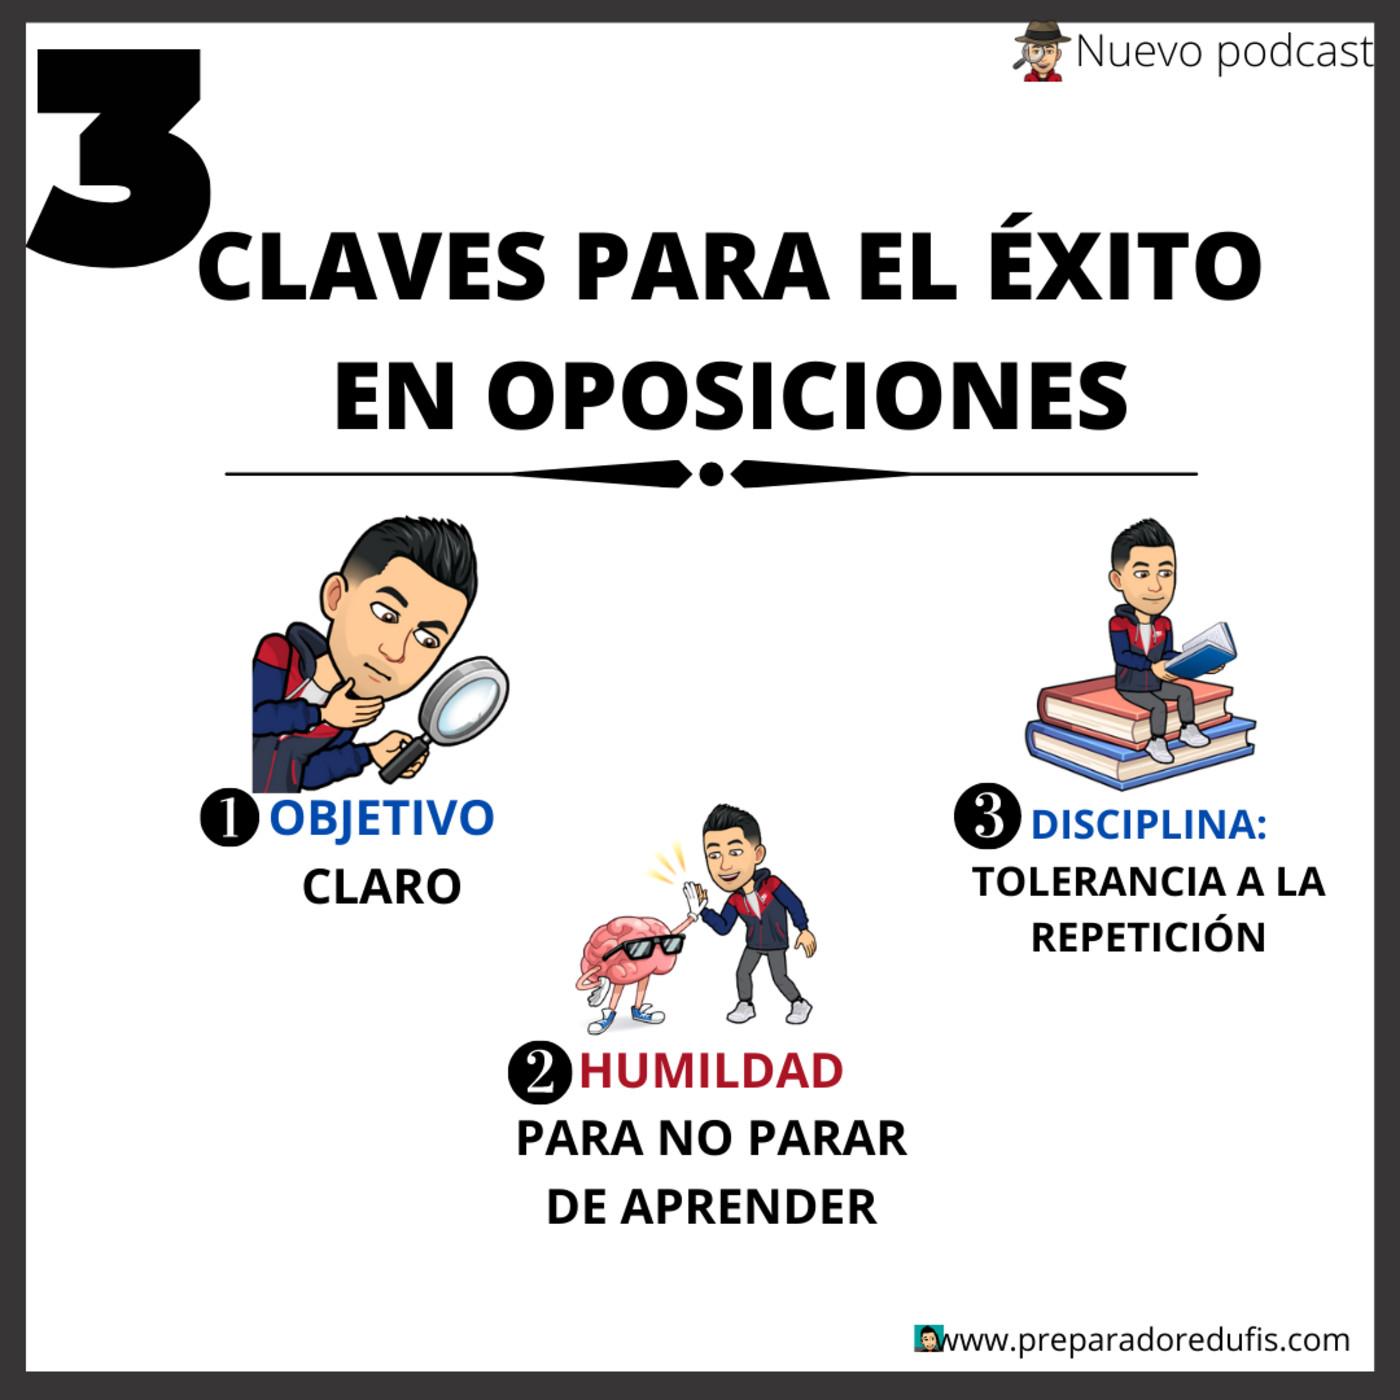 Las 3 claves del éxito en oposiciones